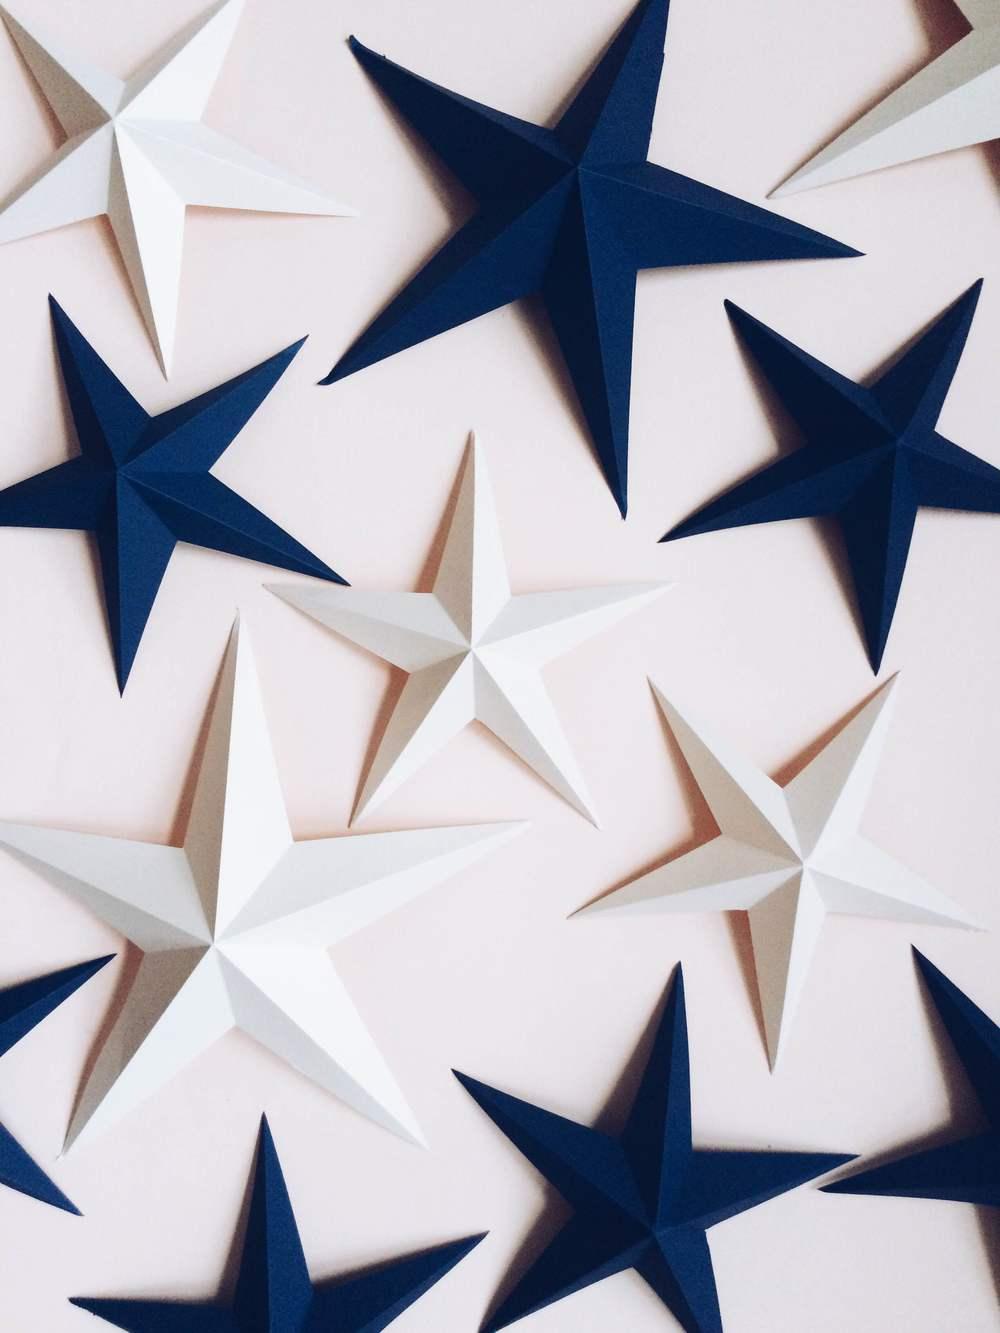 Top Folding Paper : étoiles en papier 3D à plier — MISS CLOUDY OA76